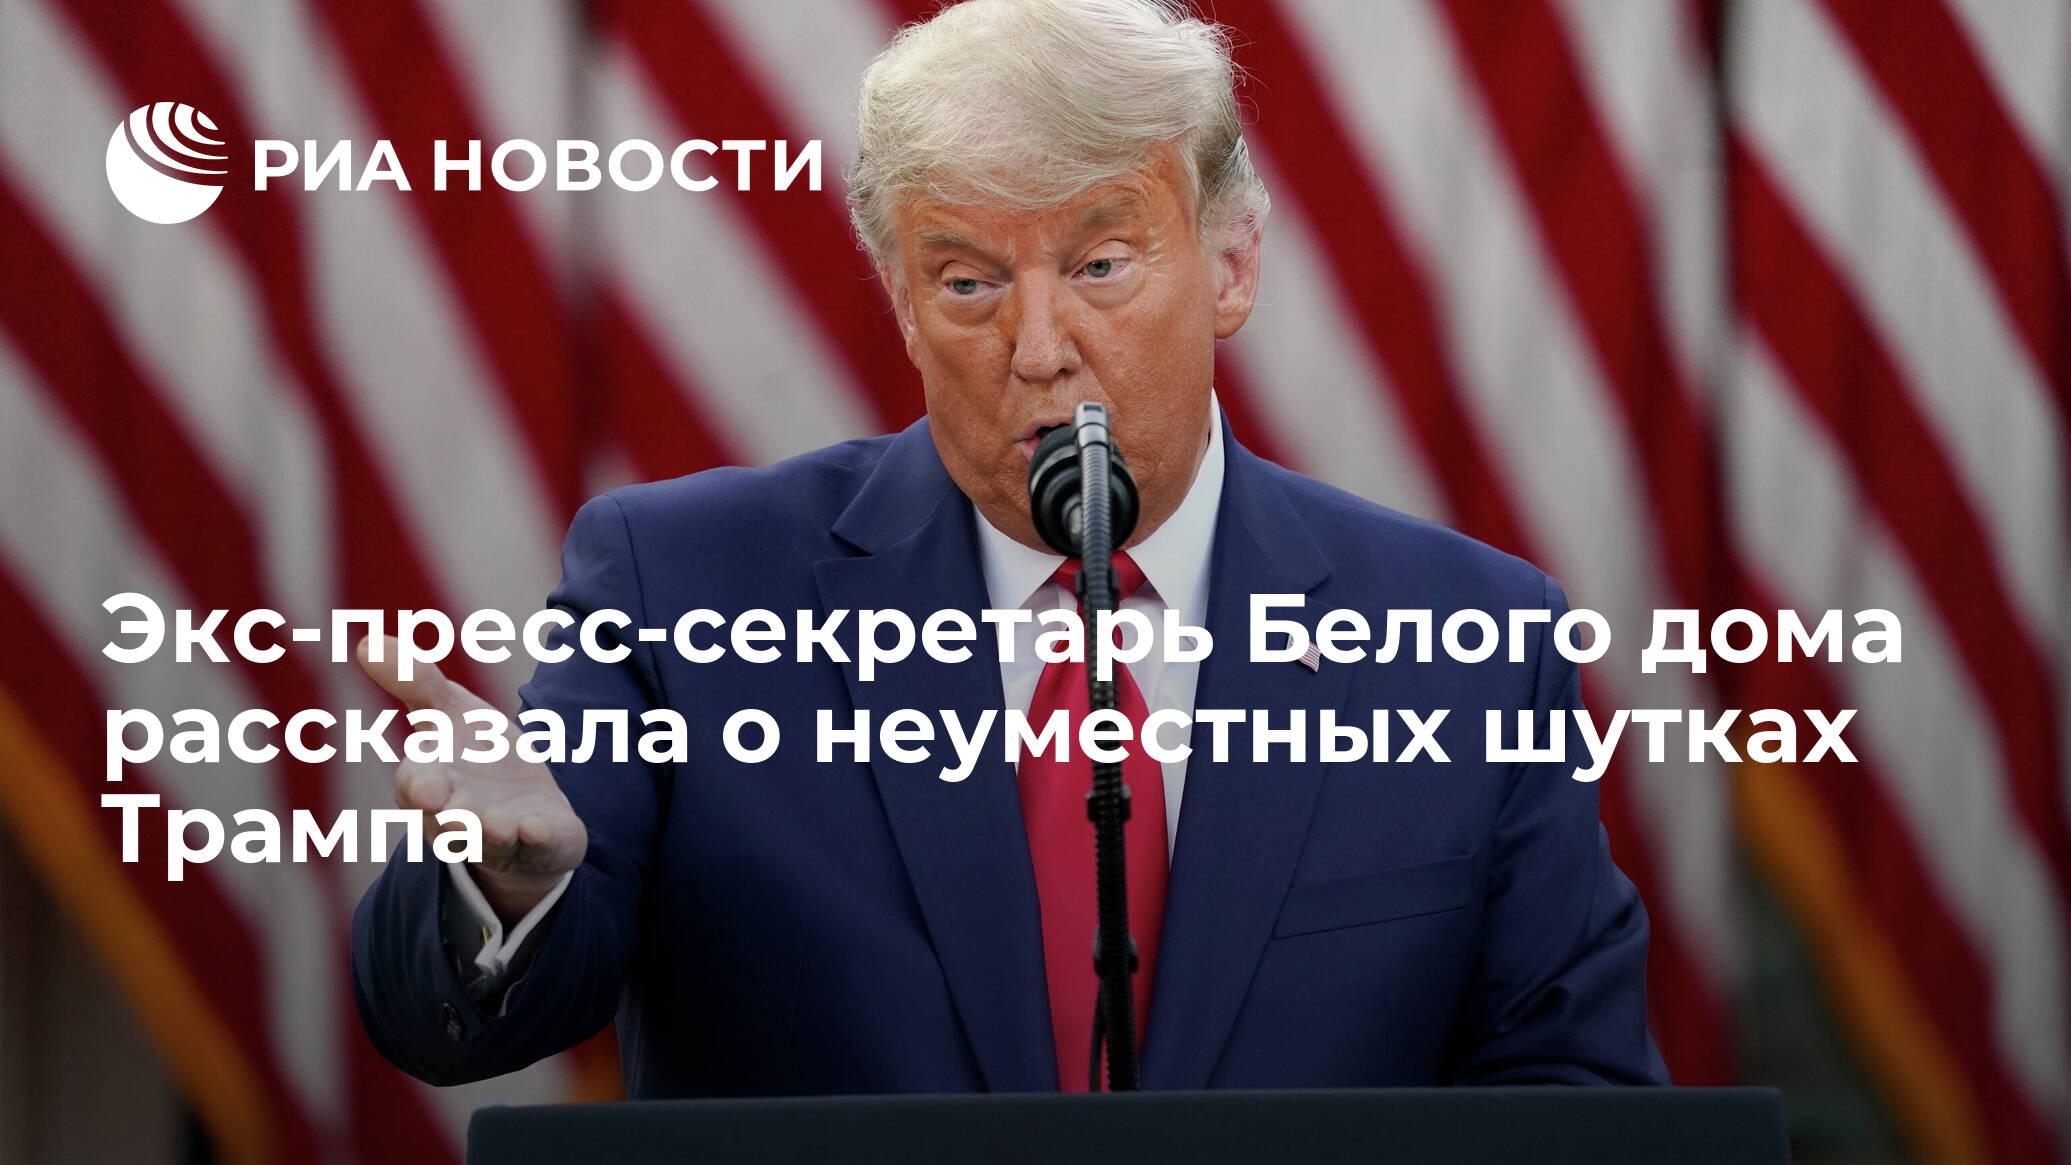 Экс-пресс-секретарь Белого дома рассказала о неуместных шутках Трампа